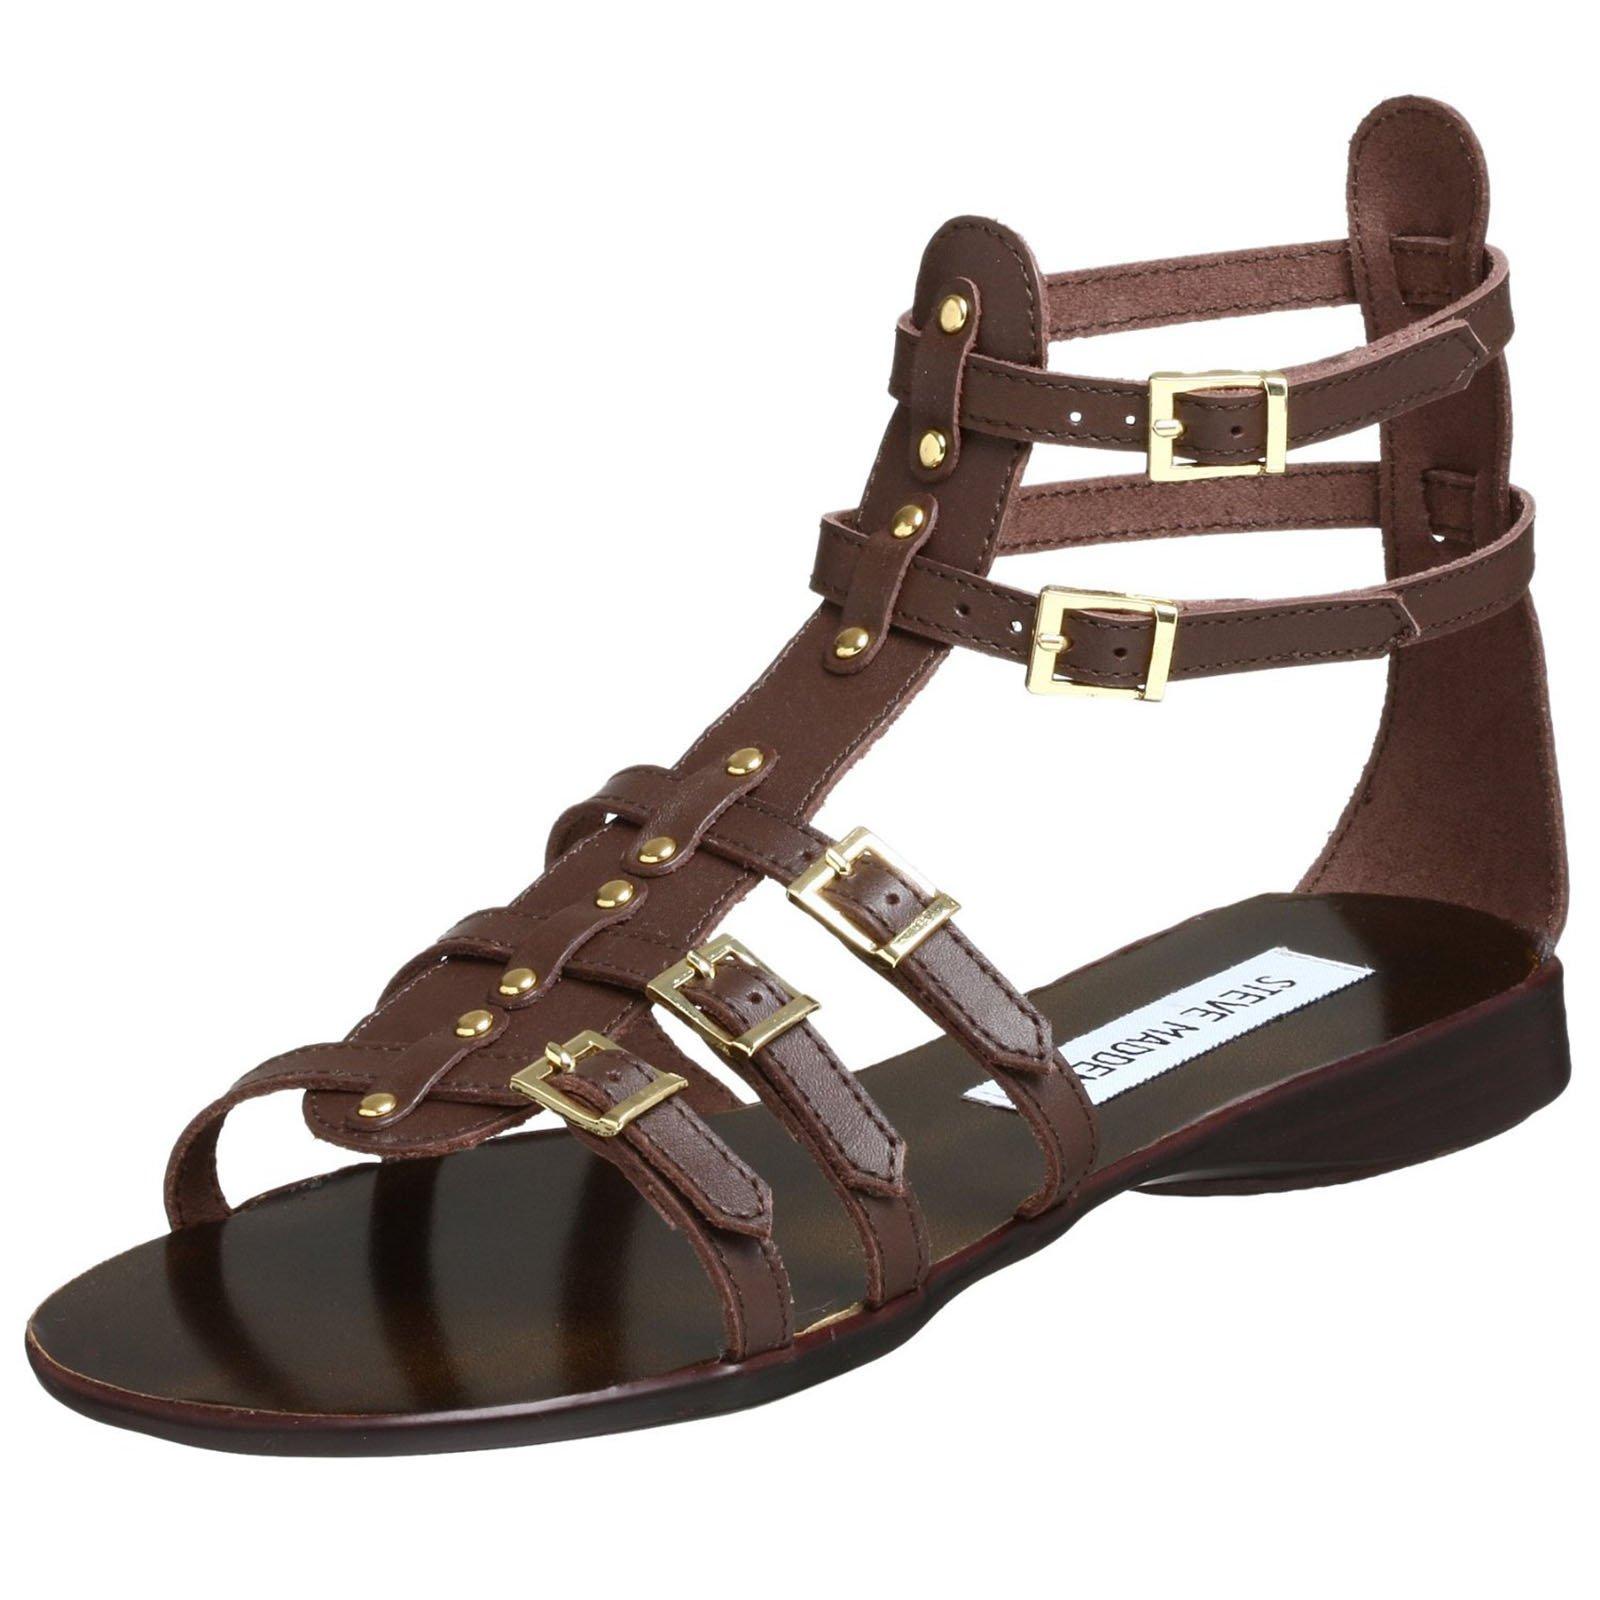 sandalia gladiadora luxo